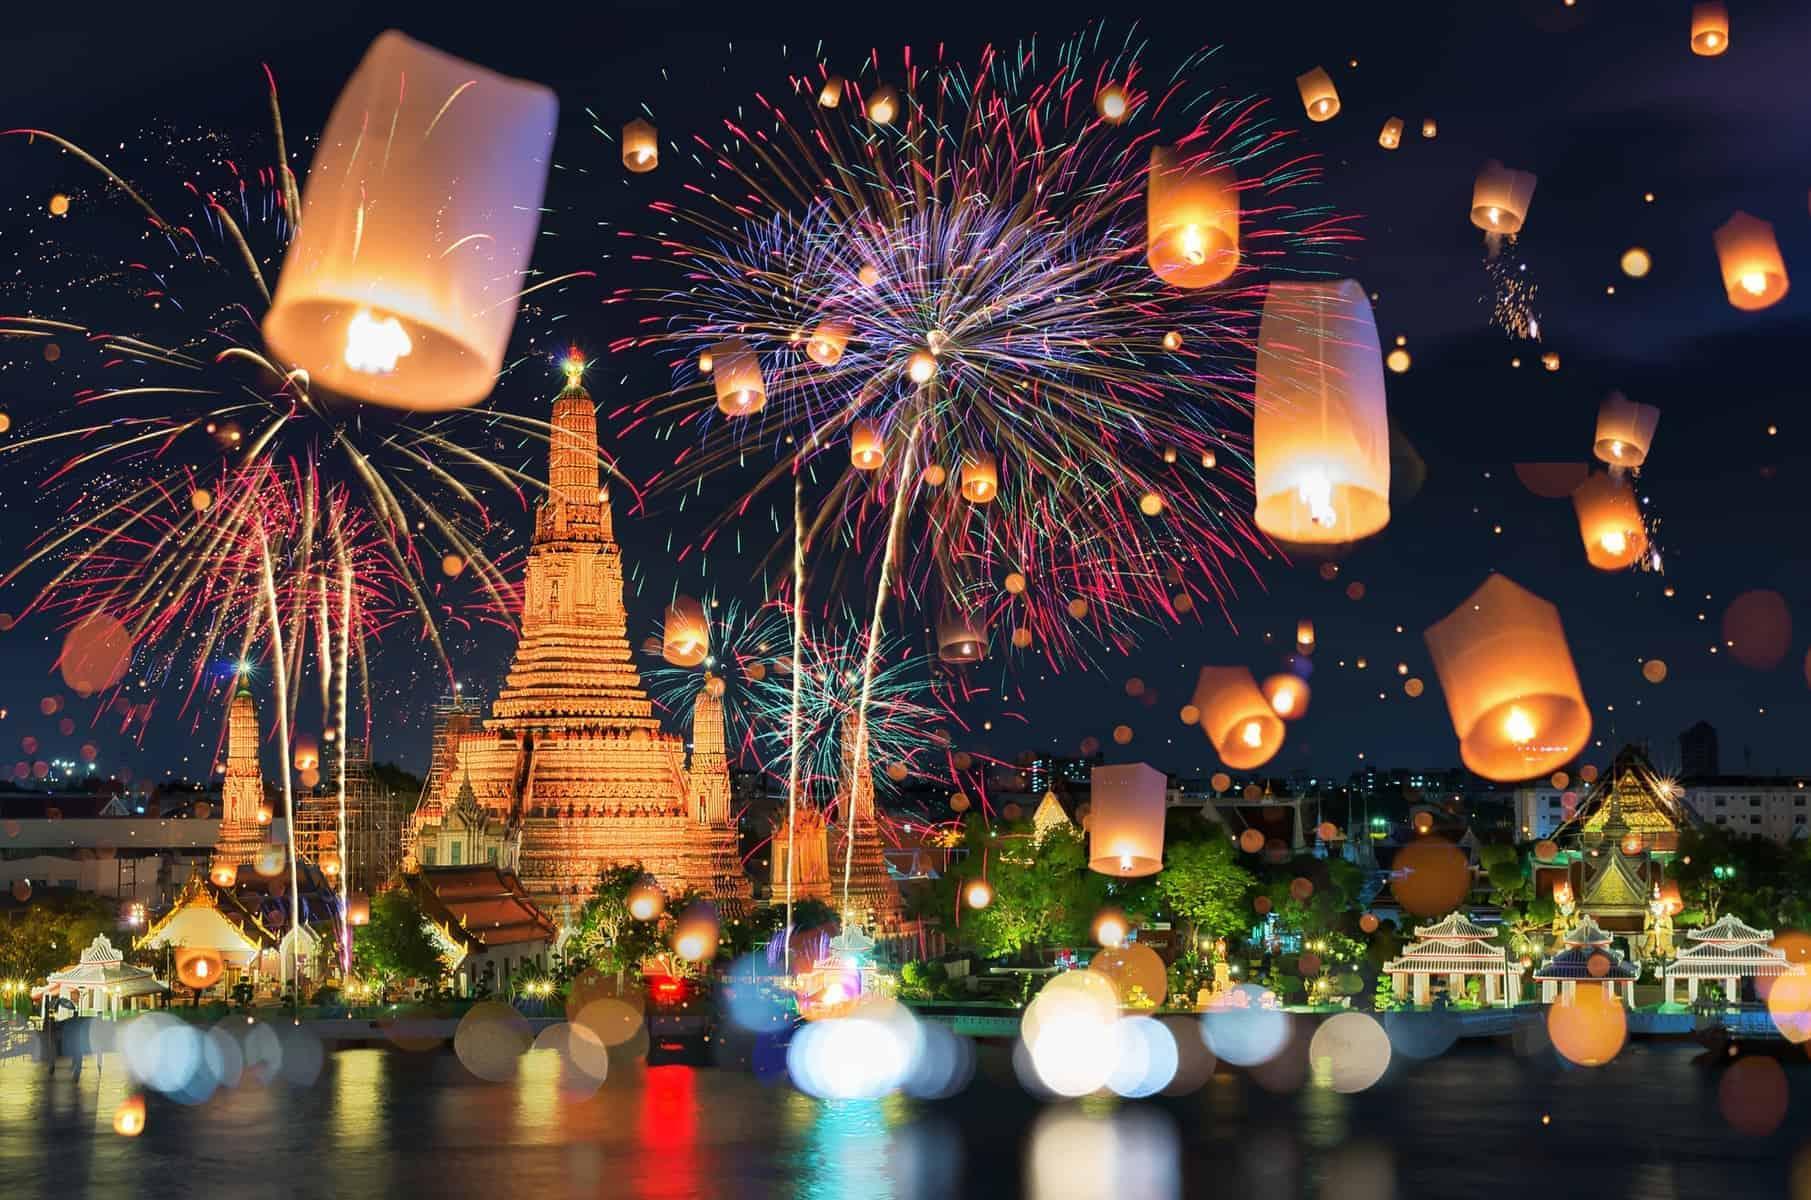 Bangkok happy new year countdown fireworks and lantern at Wat Arun Temple, Bangkok Thailand.